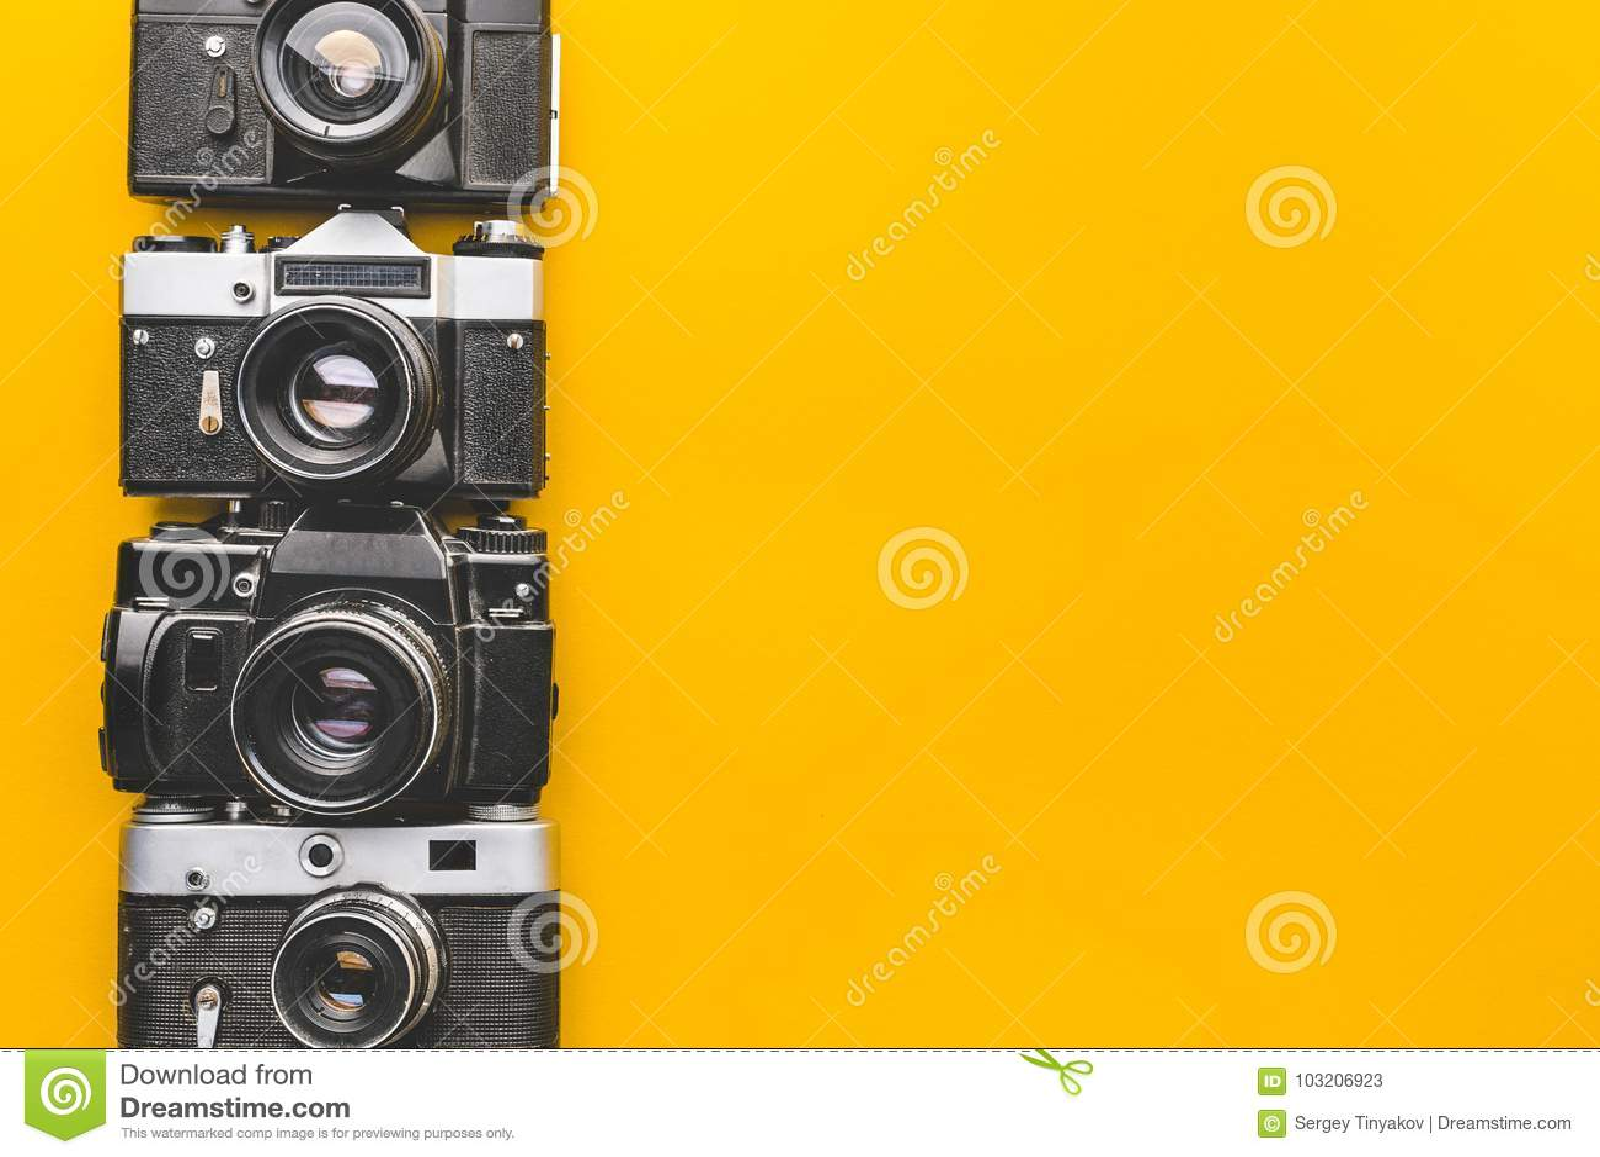 Εκλεκτής ποιότητας κάμερες ταινιών στην κίτρινη επιφάνεια υποβάθρου Αναδρομική έννοια τεχνολογίας δημιουργικότητας